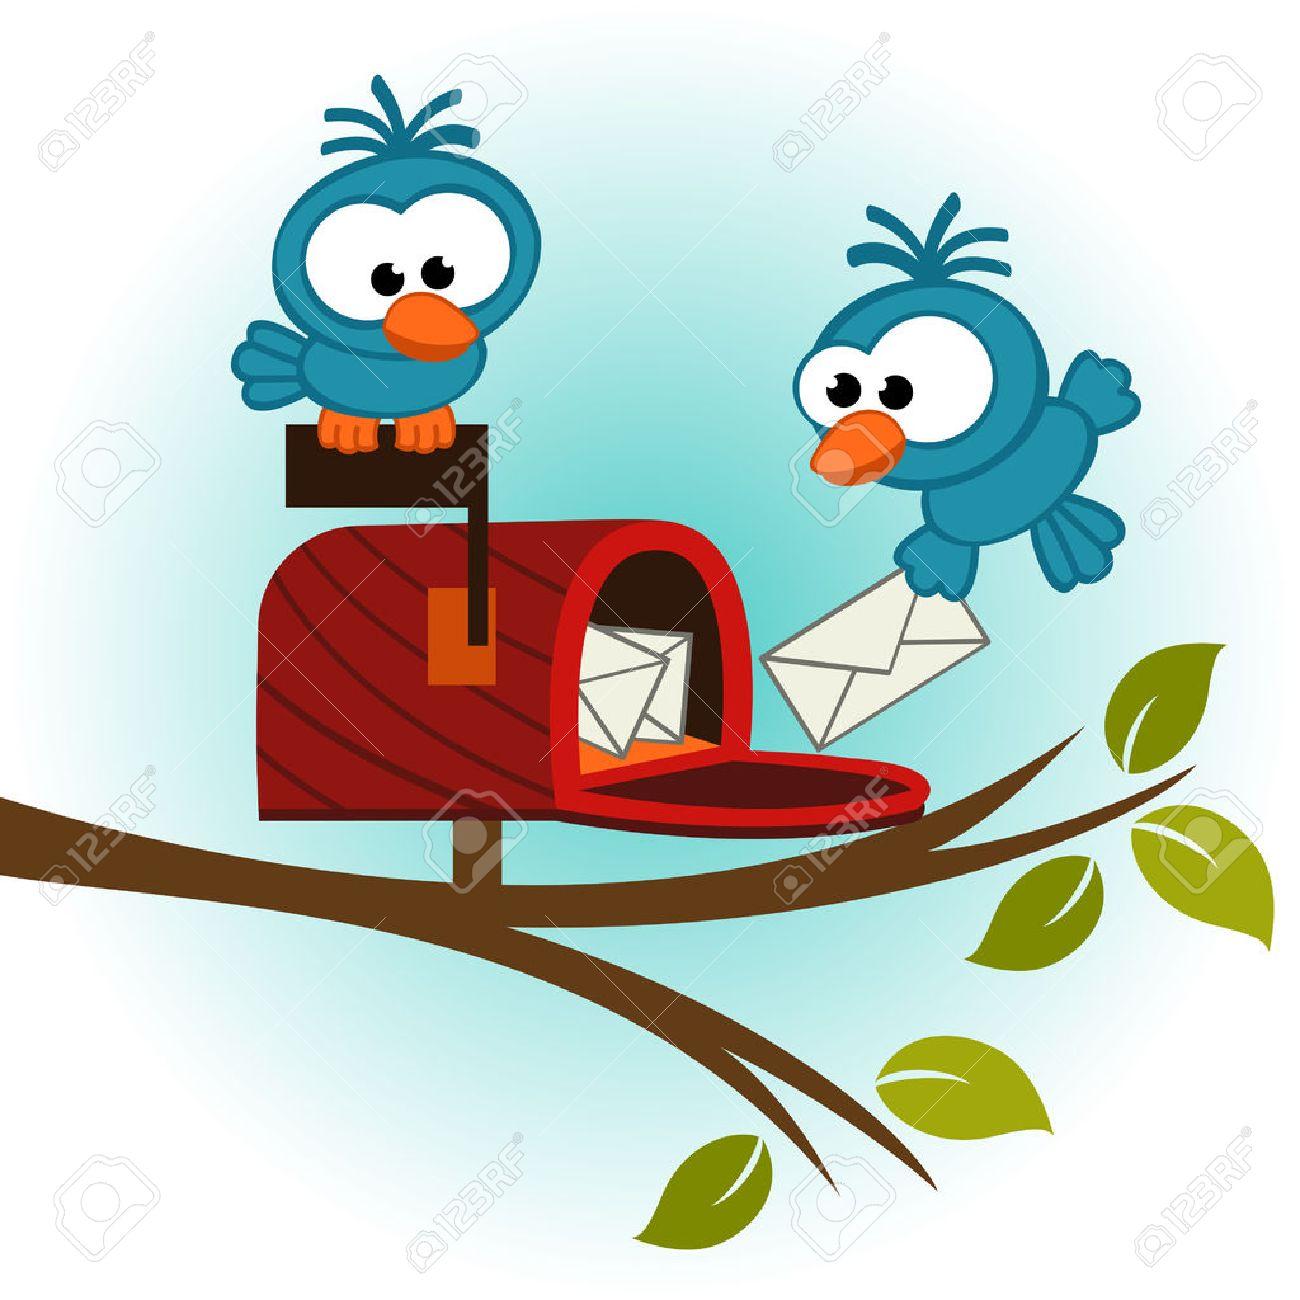 Vögel und Postfach mit Mail - Vektor-Illustration Standard-Bild - 24441086